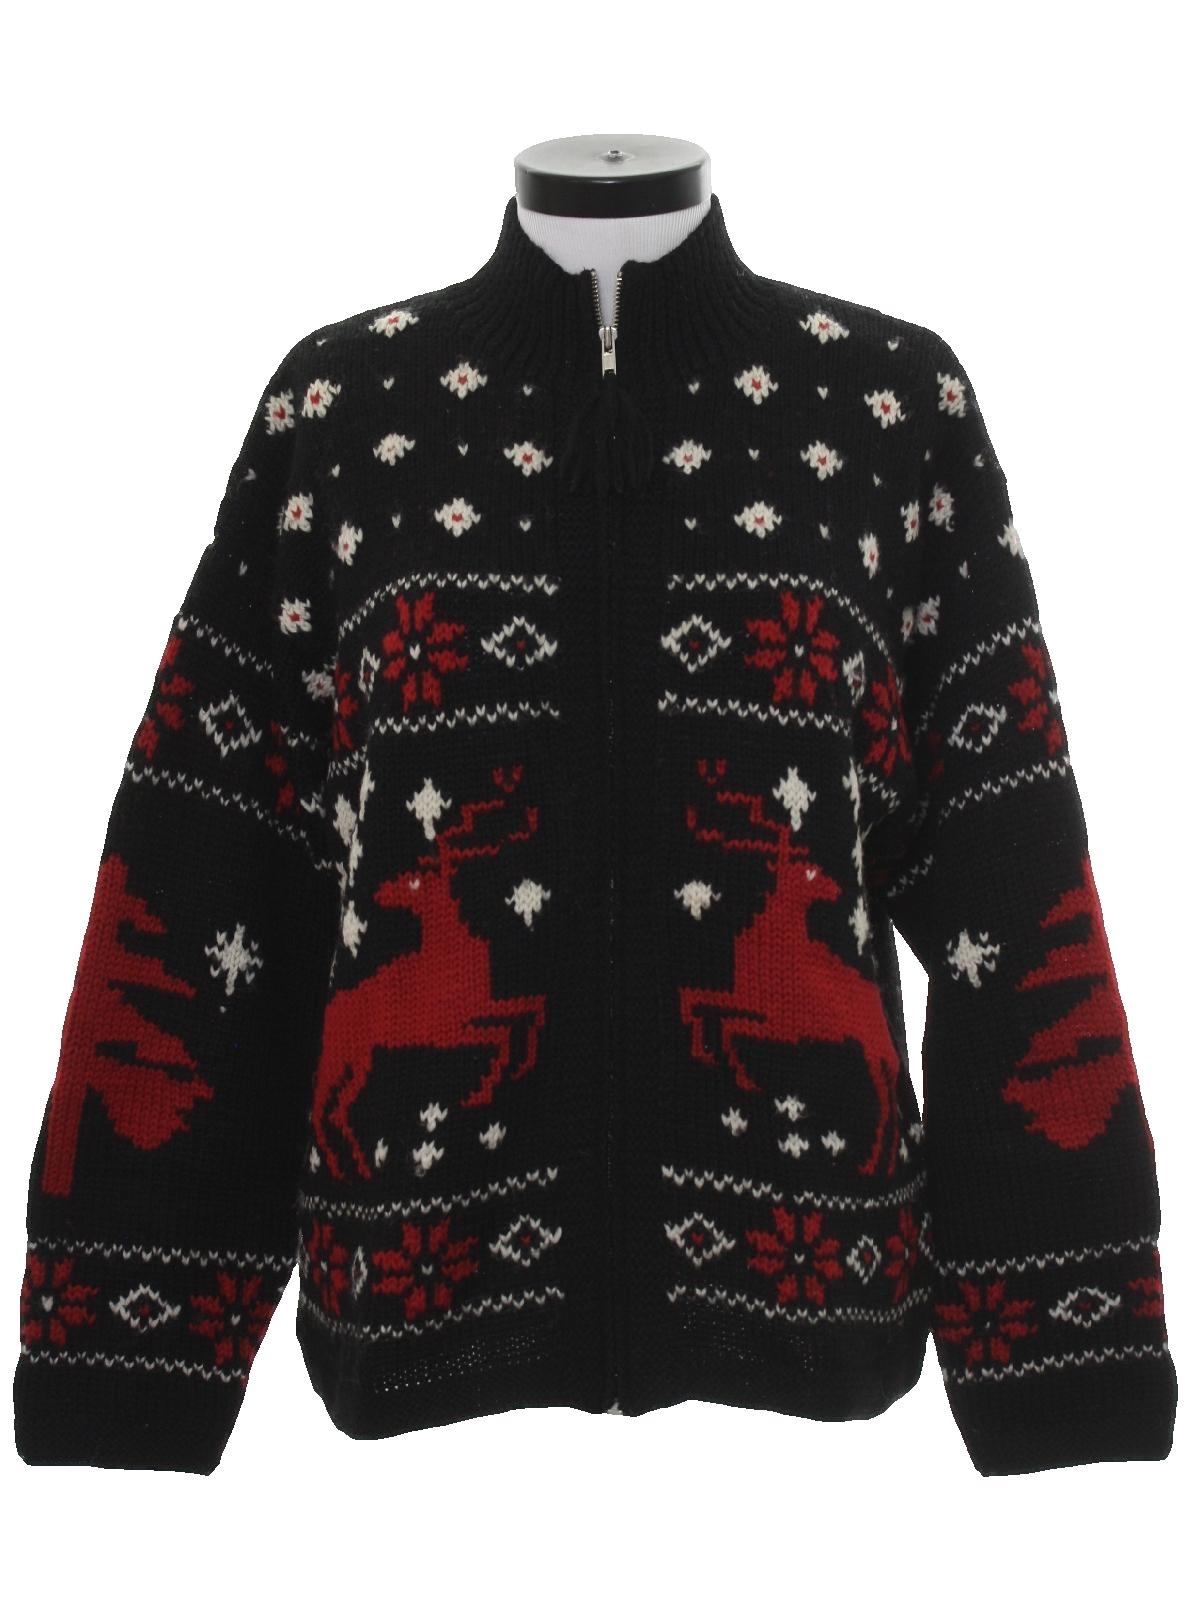 1990 S Sweater Ralph Lauren 90s Vintage Ralph Lauren